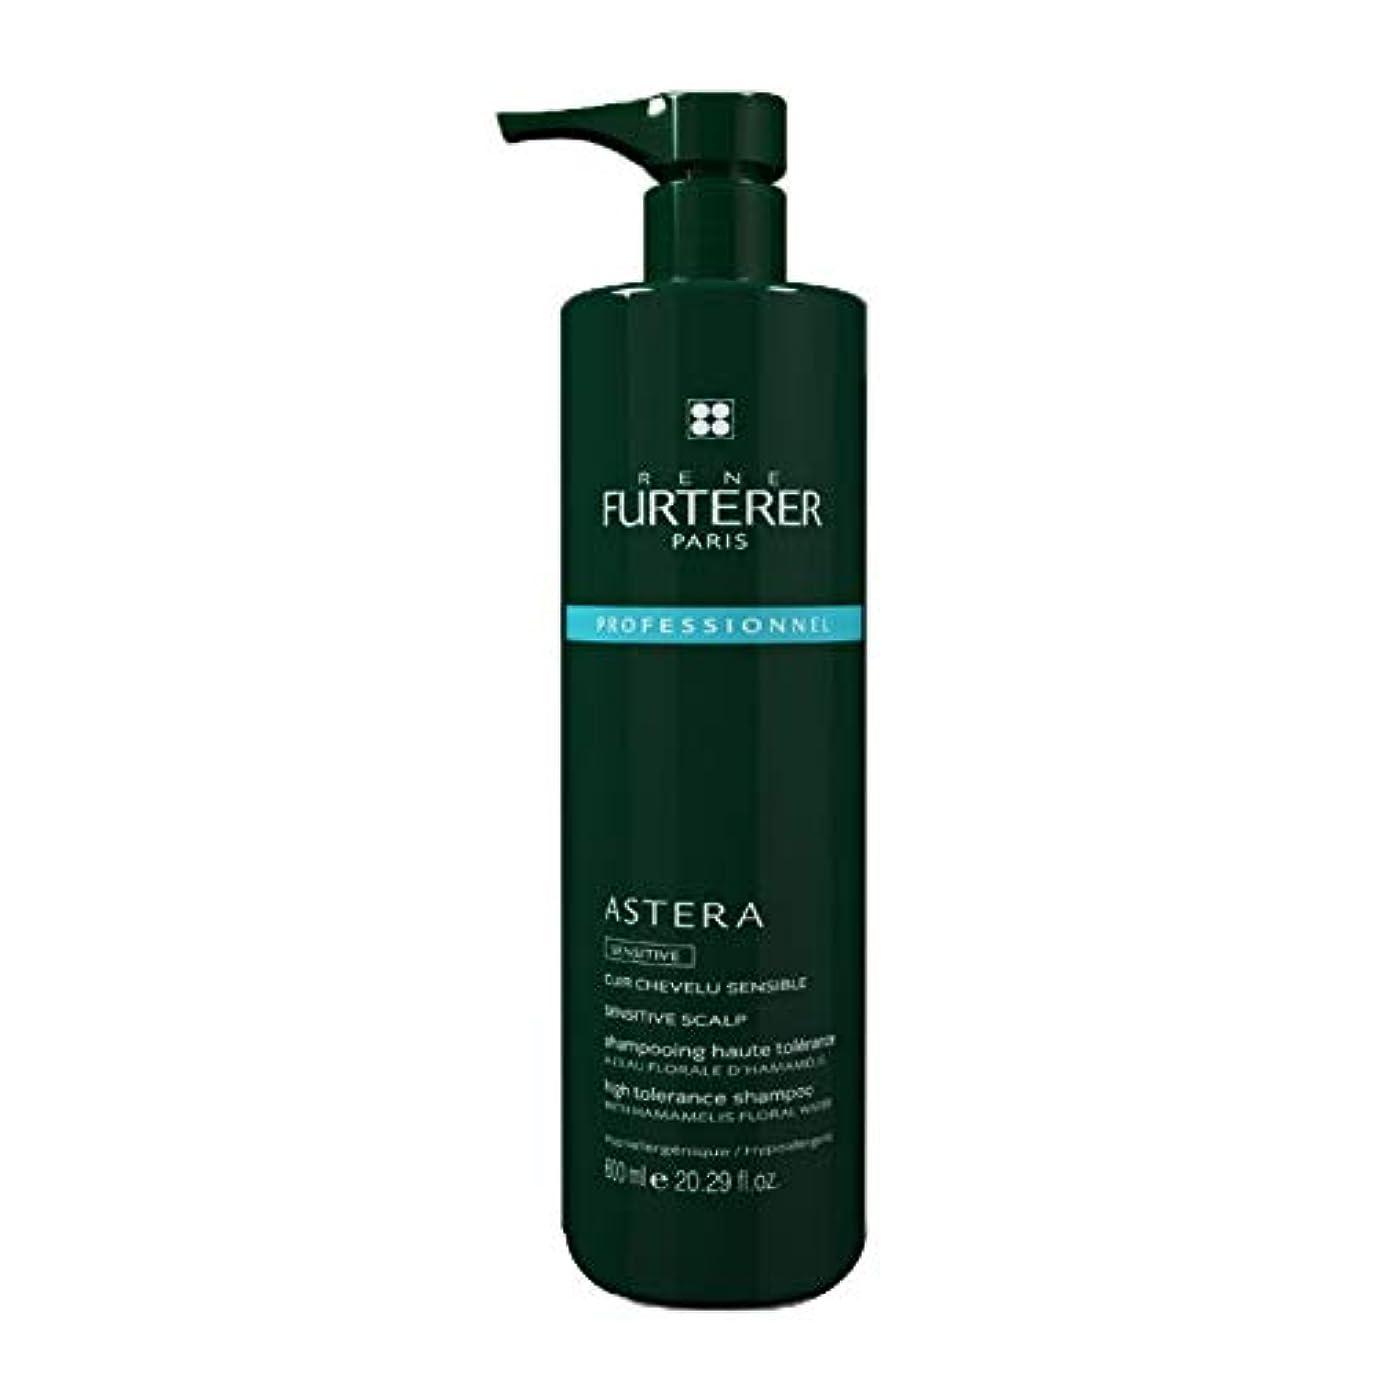 政令仮定、想定。推測スポンジルネ フルトレール Astera Sensitive High Tolerance Scalp Ritual Dermo-Protective Shampoo (Sensitive Scalp) 600ml/20.2oz...